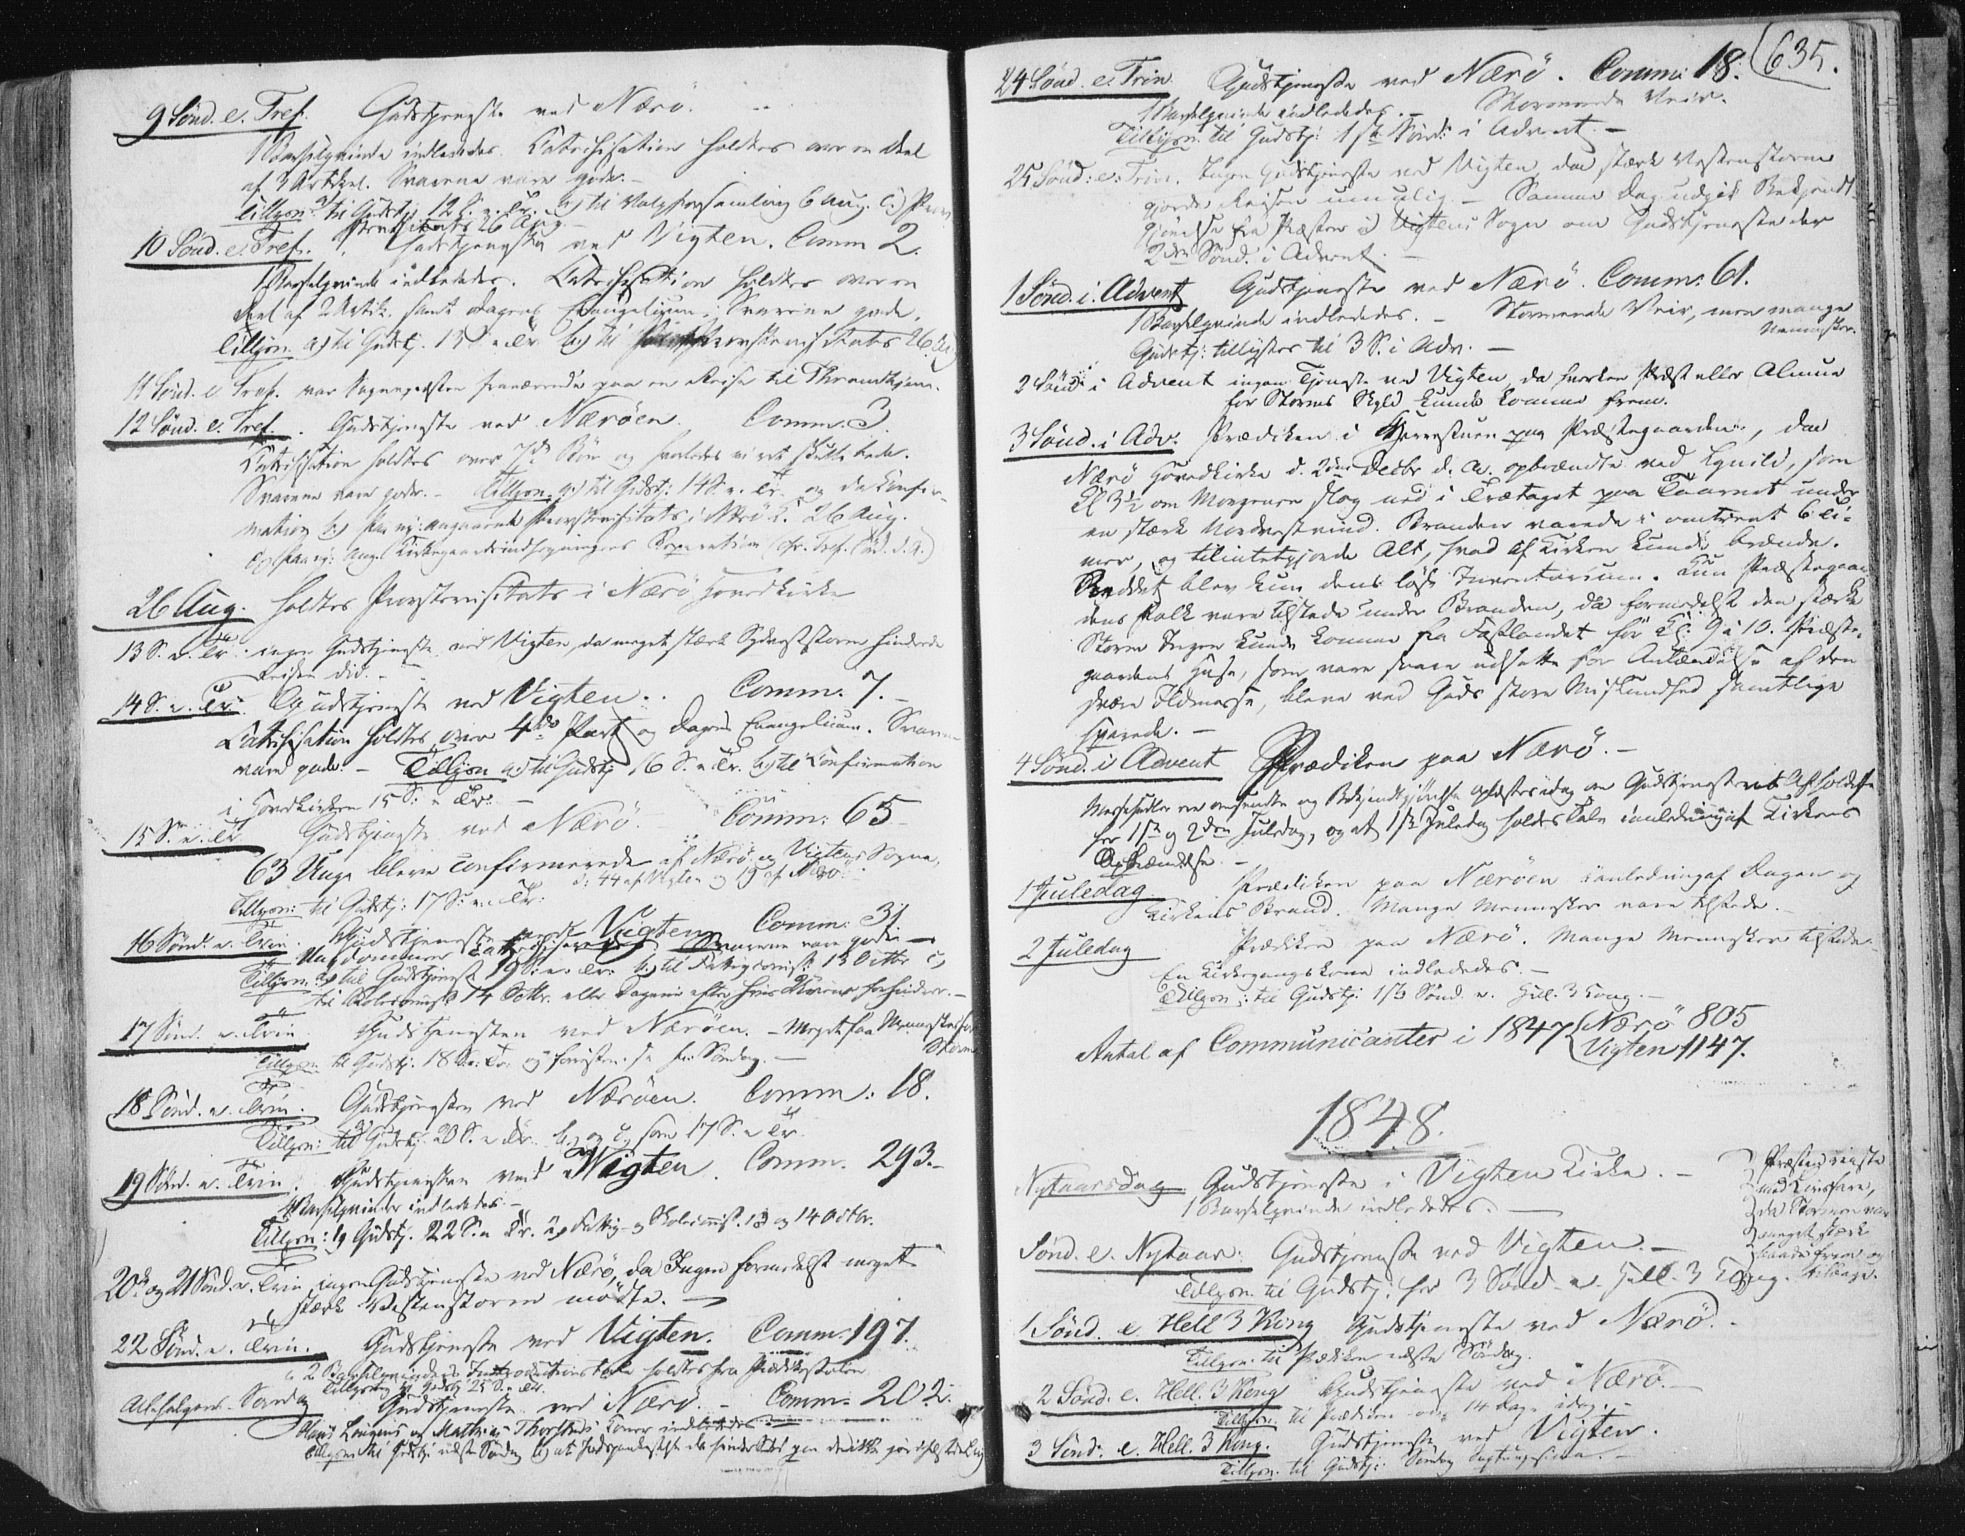 SAT, Ministerialprotokoller, klokkerbøker og fødselsregistre - Nord-Trøndelag, 784/L0669: Ministerialbok nr. 784A04, 1829-1859, s. 635